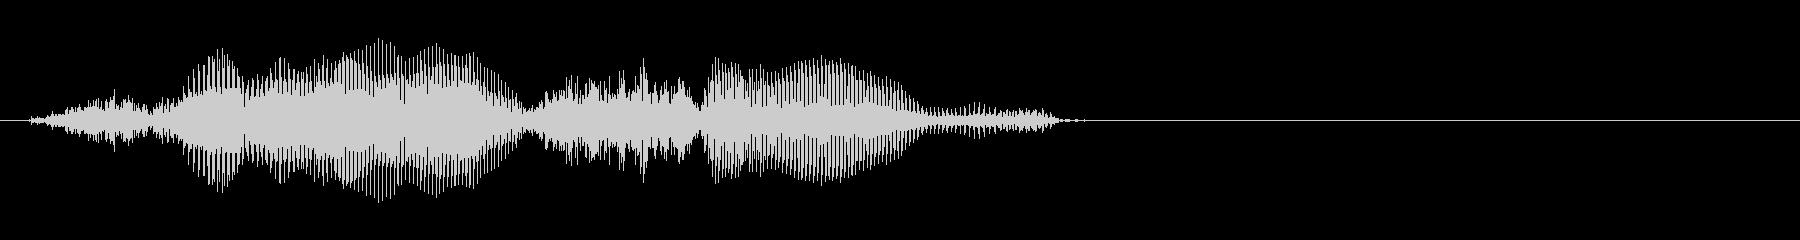 9,000の未再生の波形